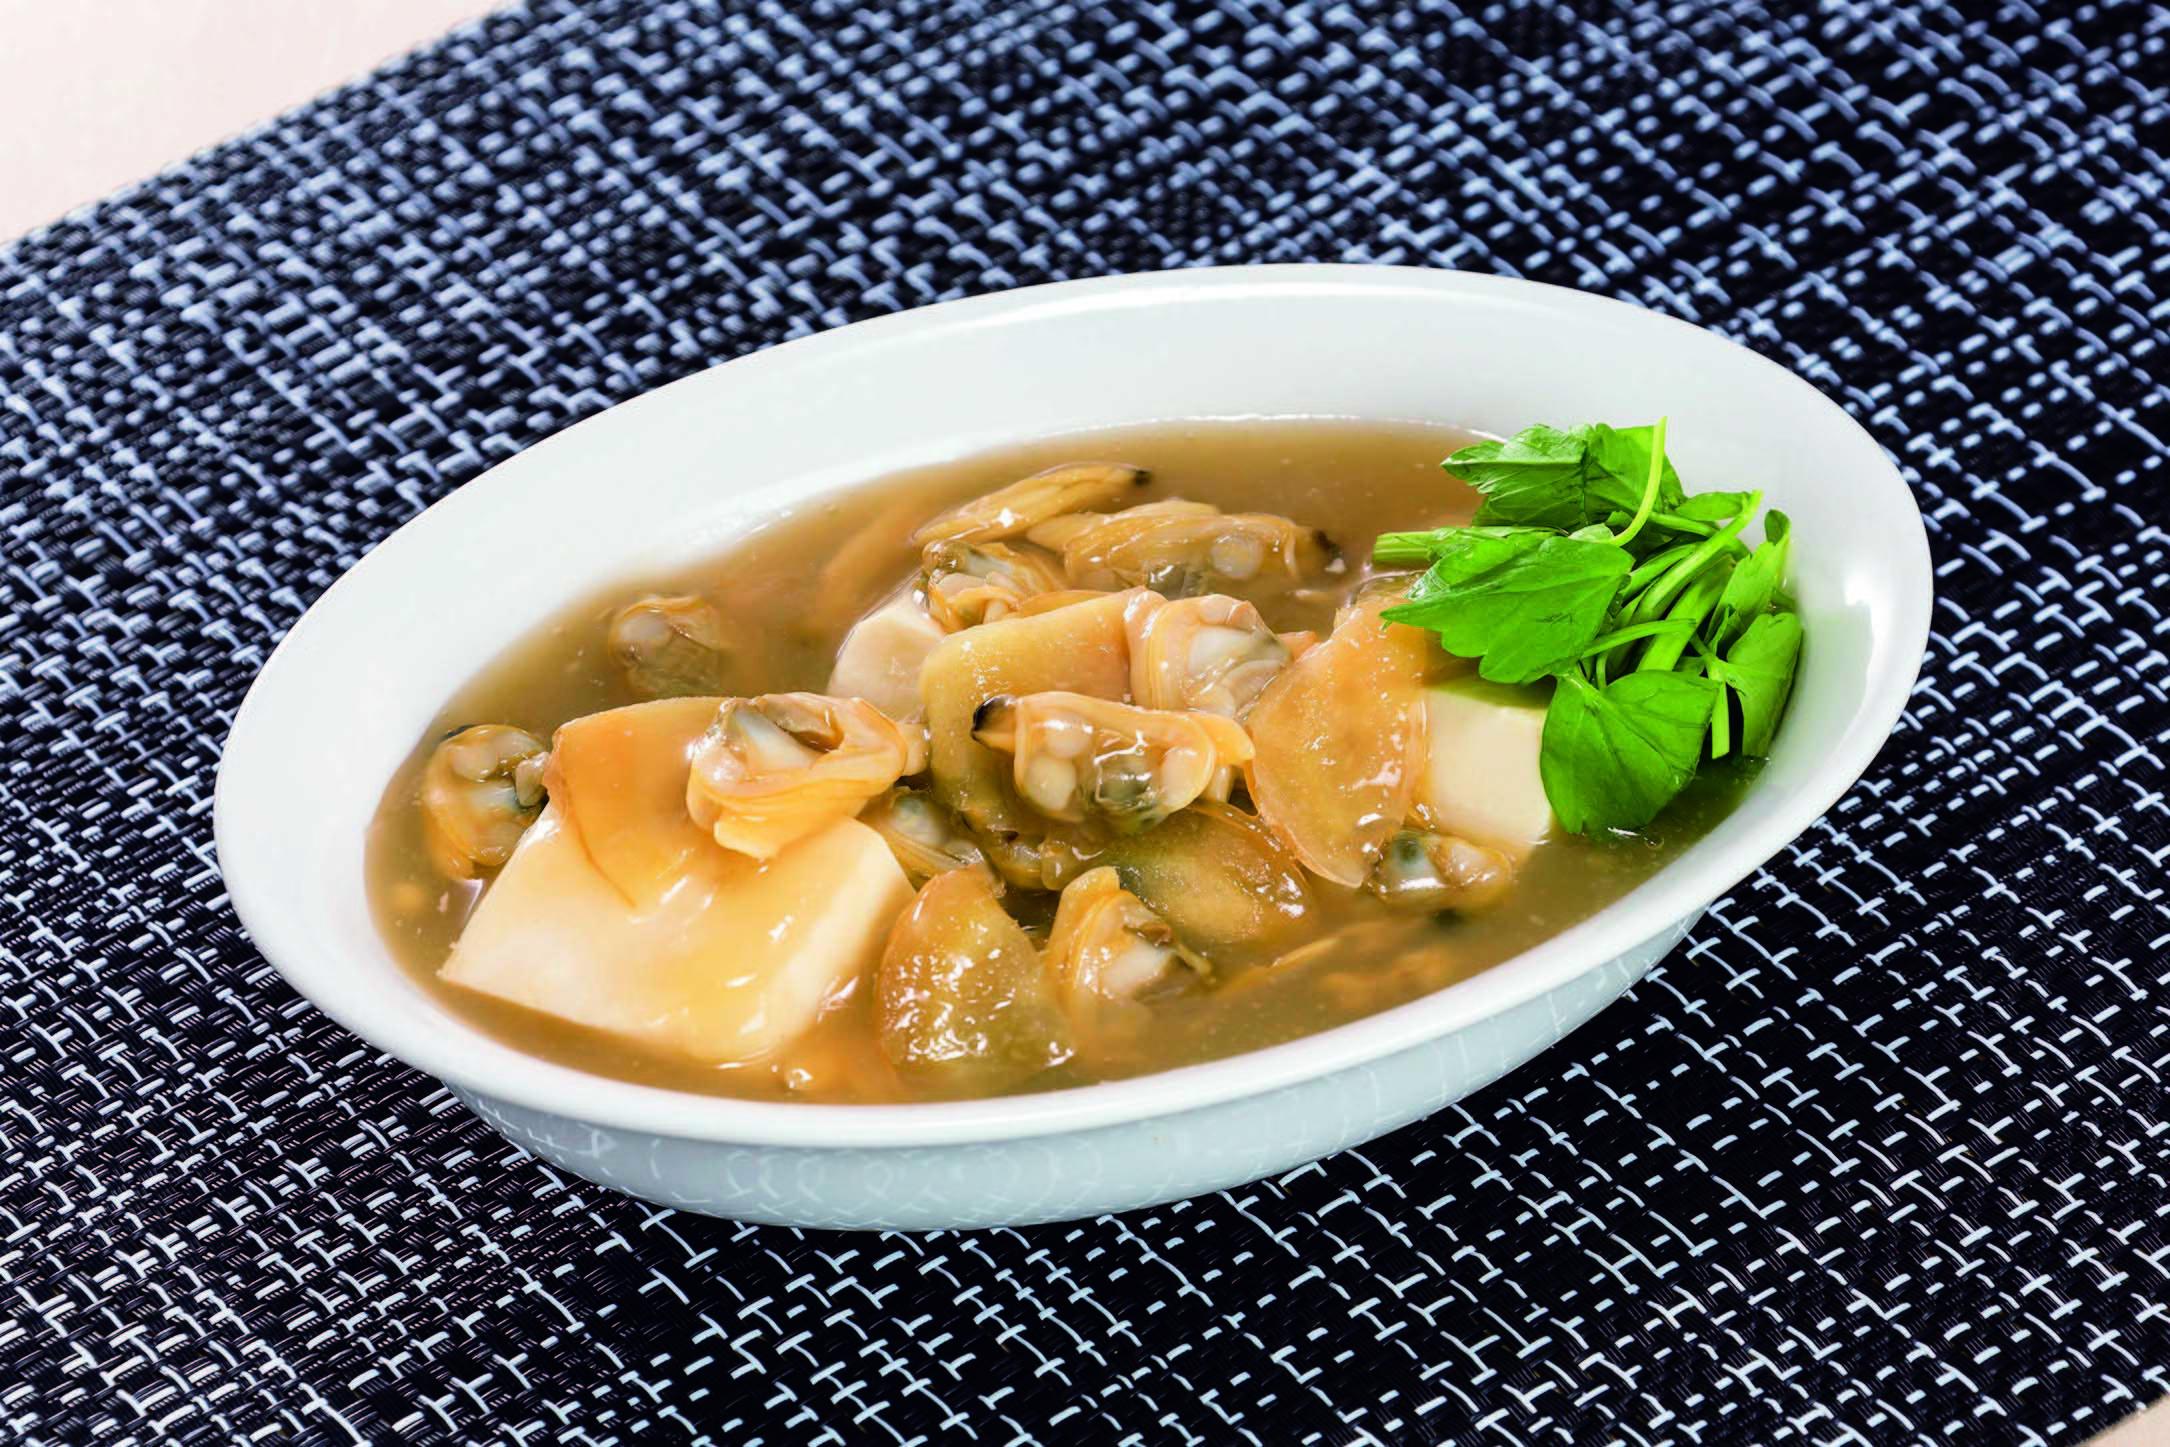 06_アサリと酢ショウガの豆腐煮.jpg